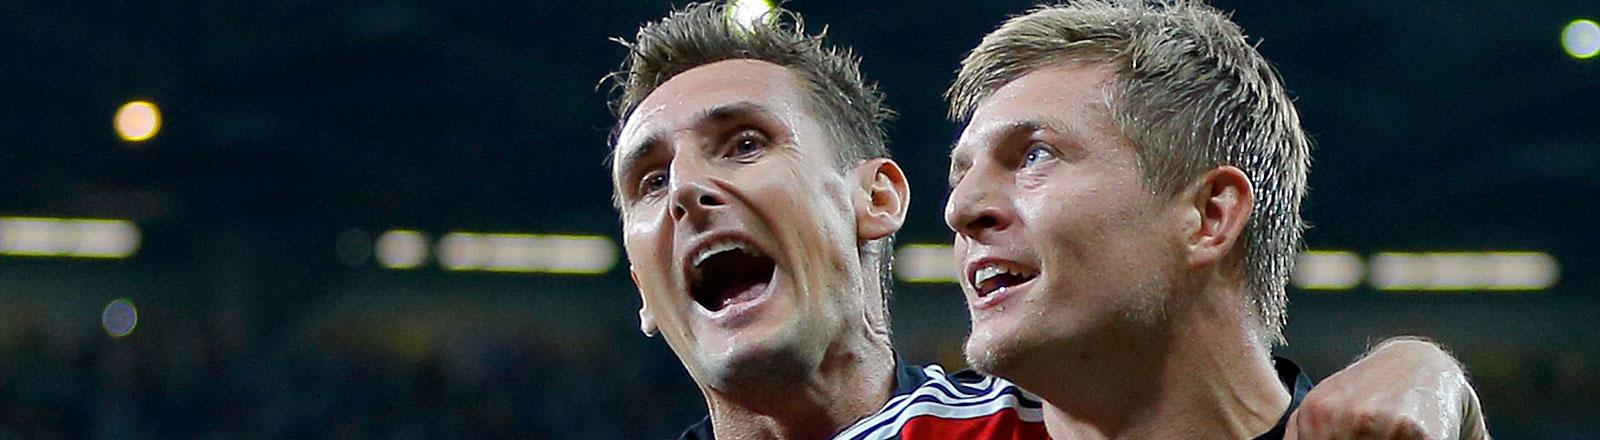 Miroslav Klose und Toni Kroos freuen sich.